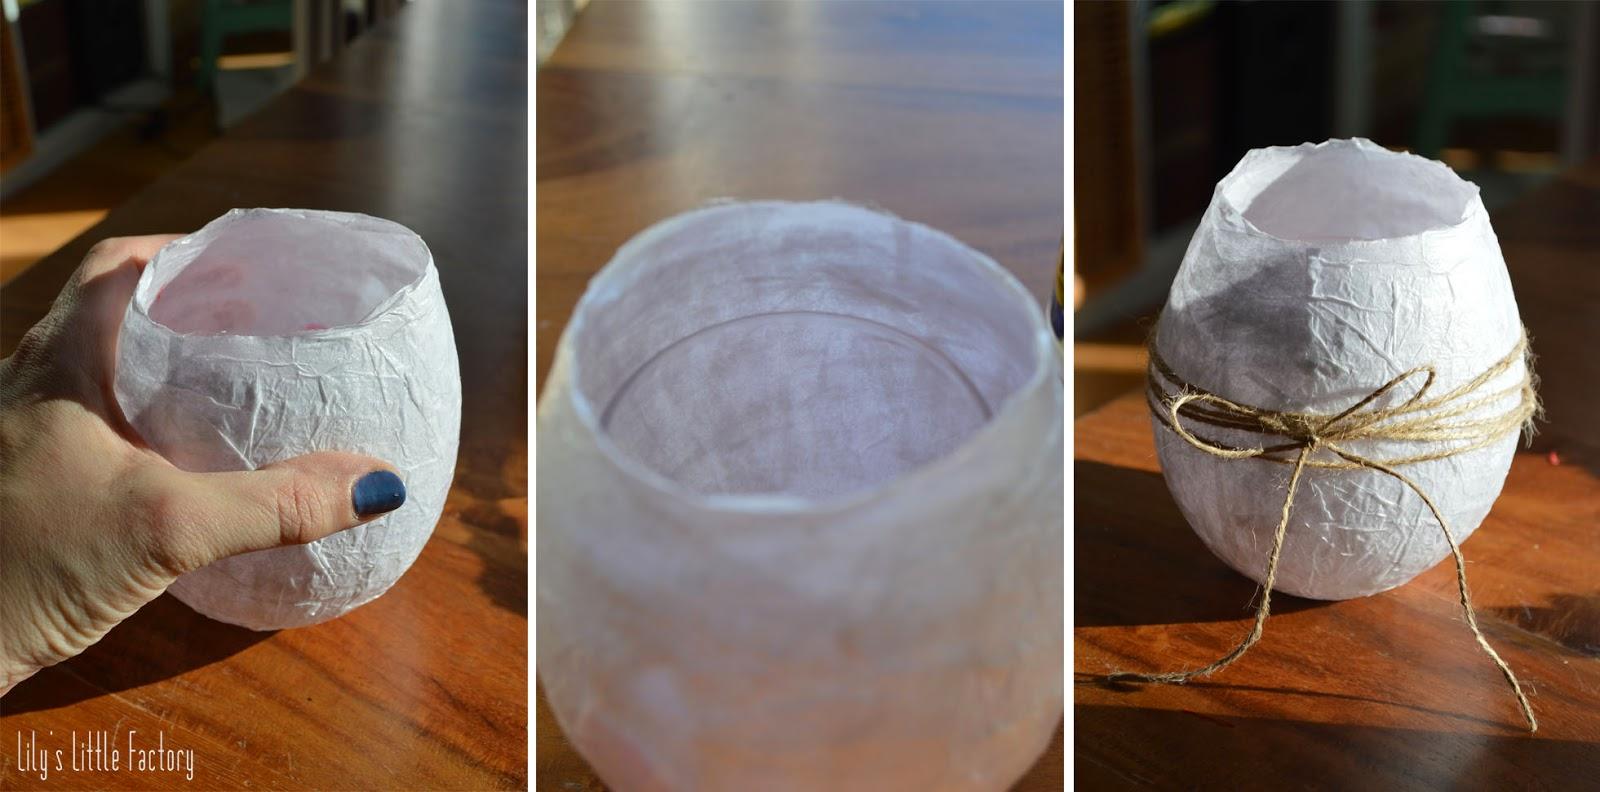 Table de p ques un vase imitation oeuf d 39 autruche ou dinosaure lily 39 s little factory - Enlever colle sur verre ...